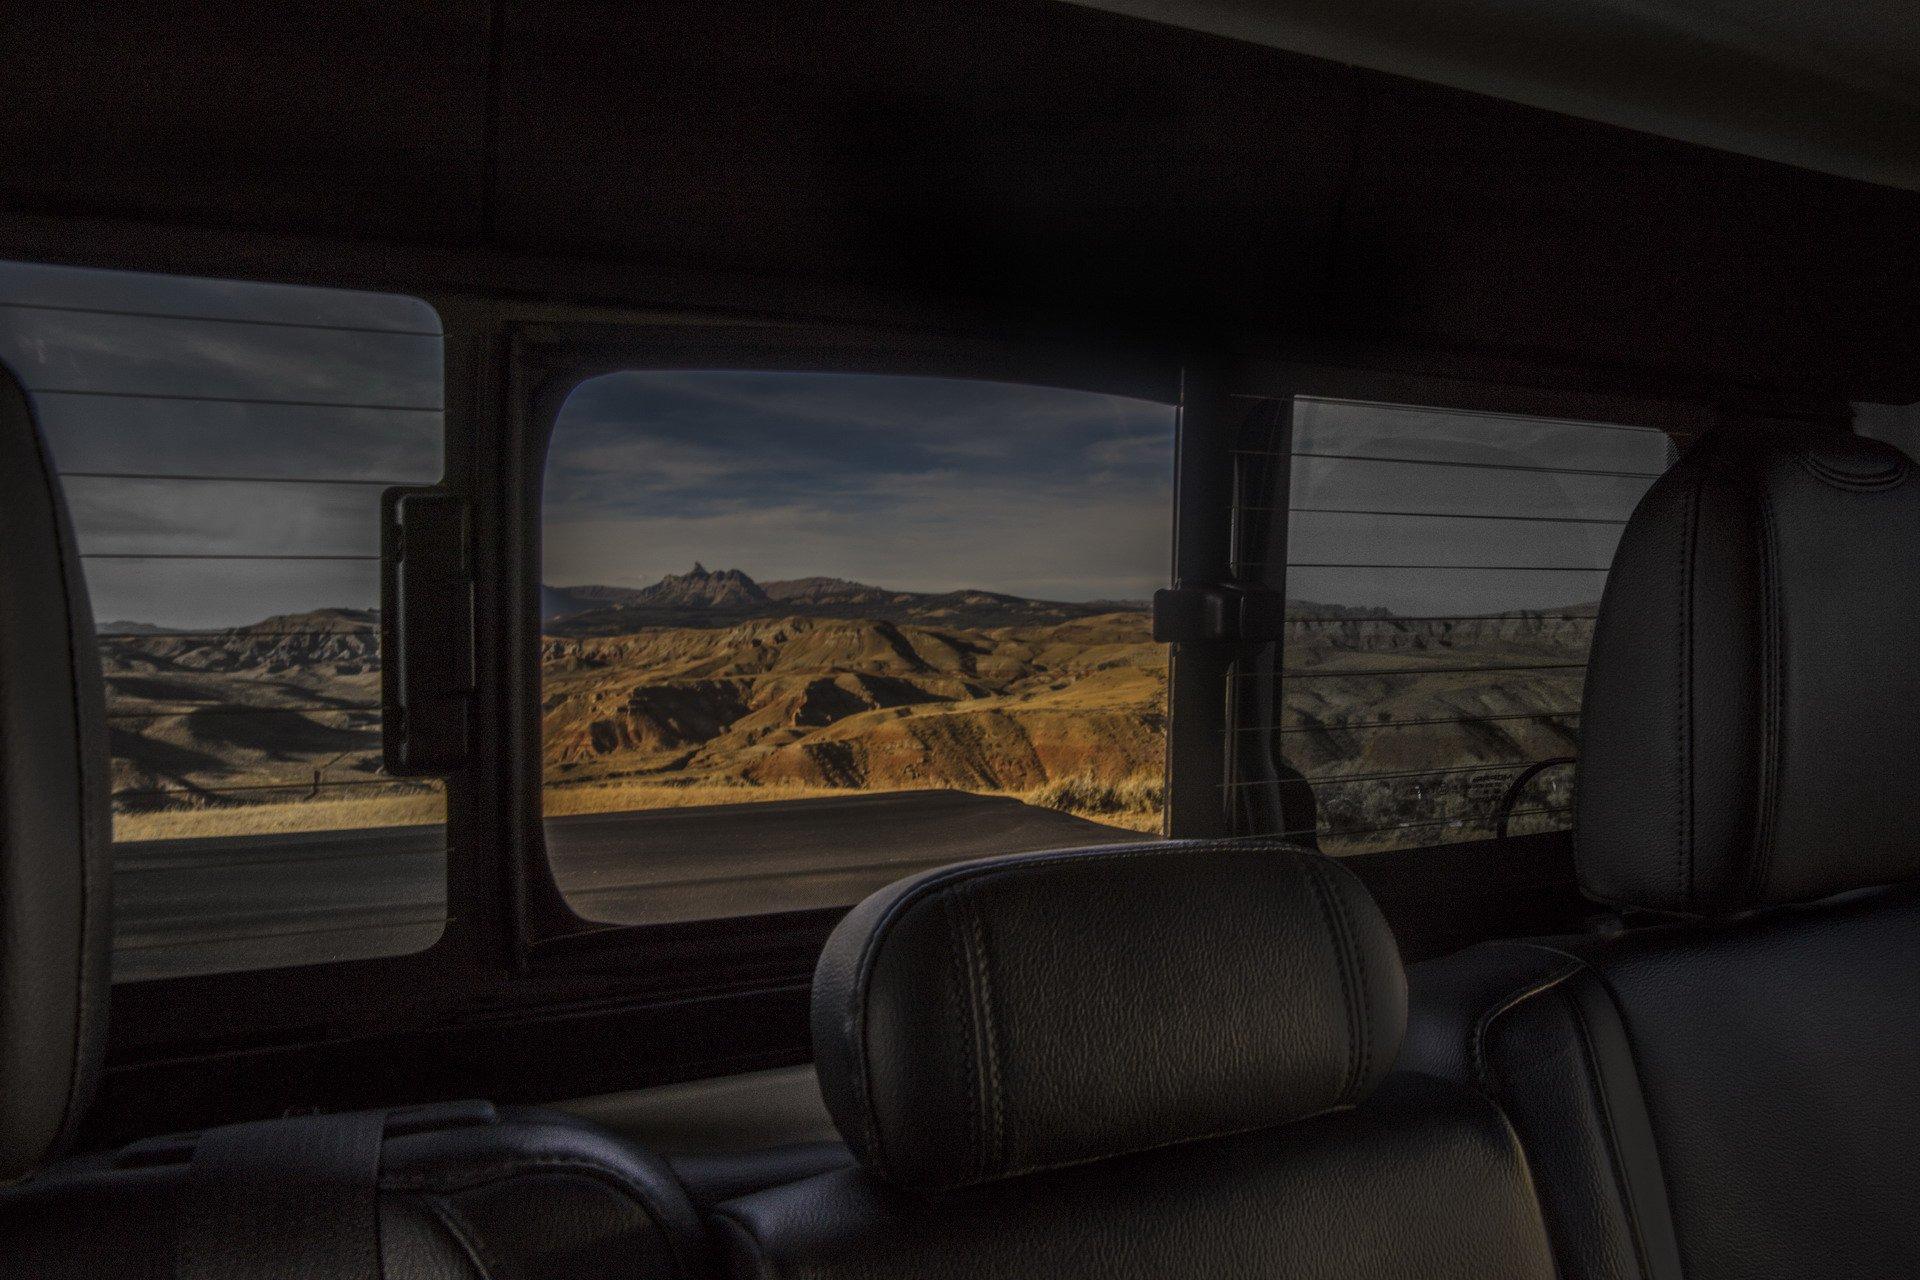 Jeep Gladiator 2019 (166)